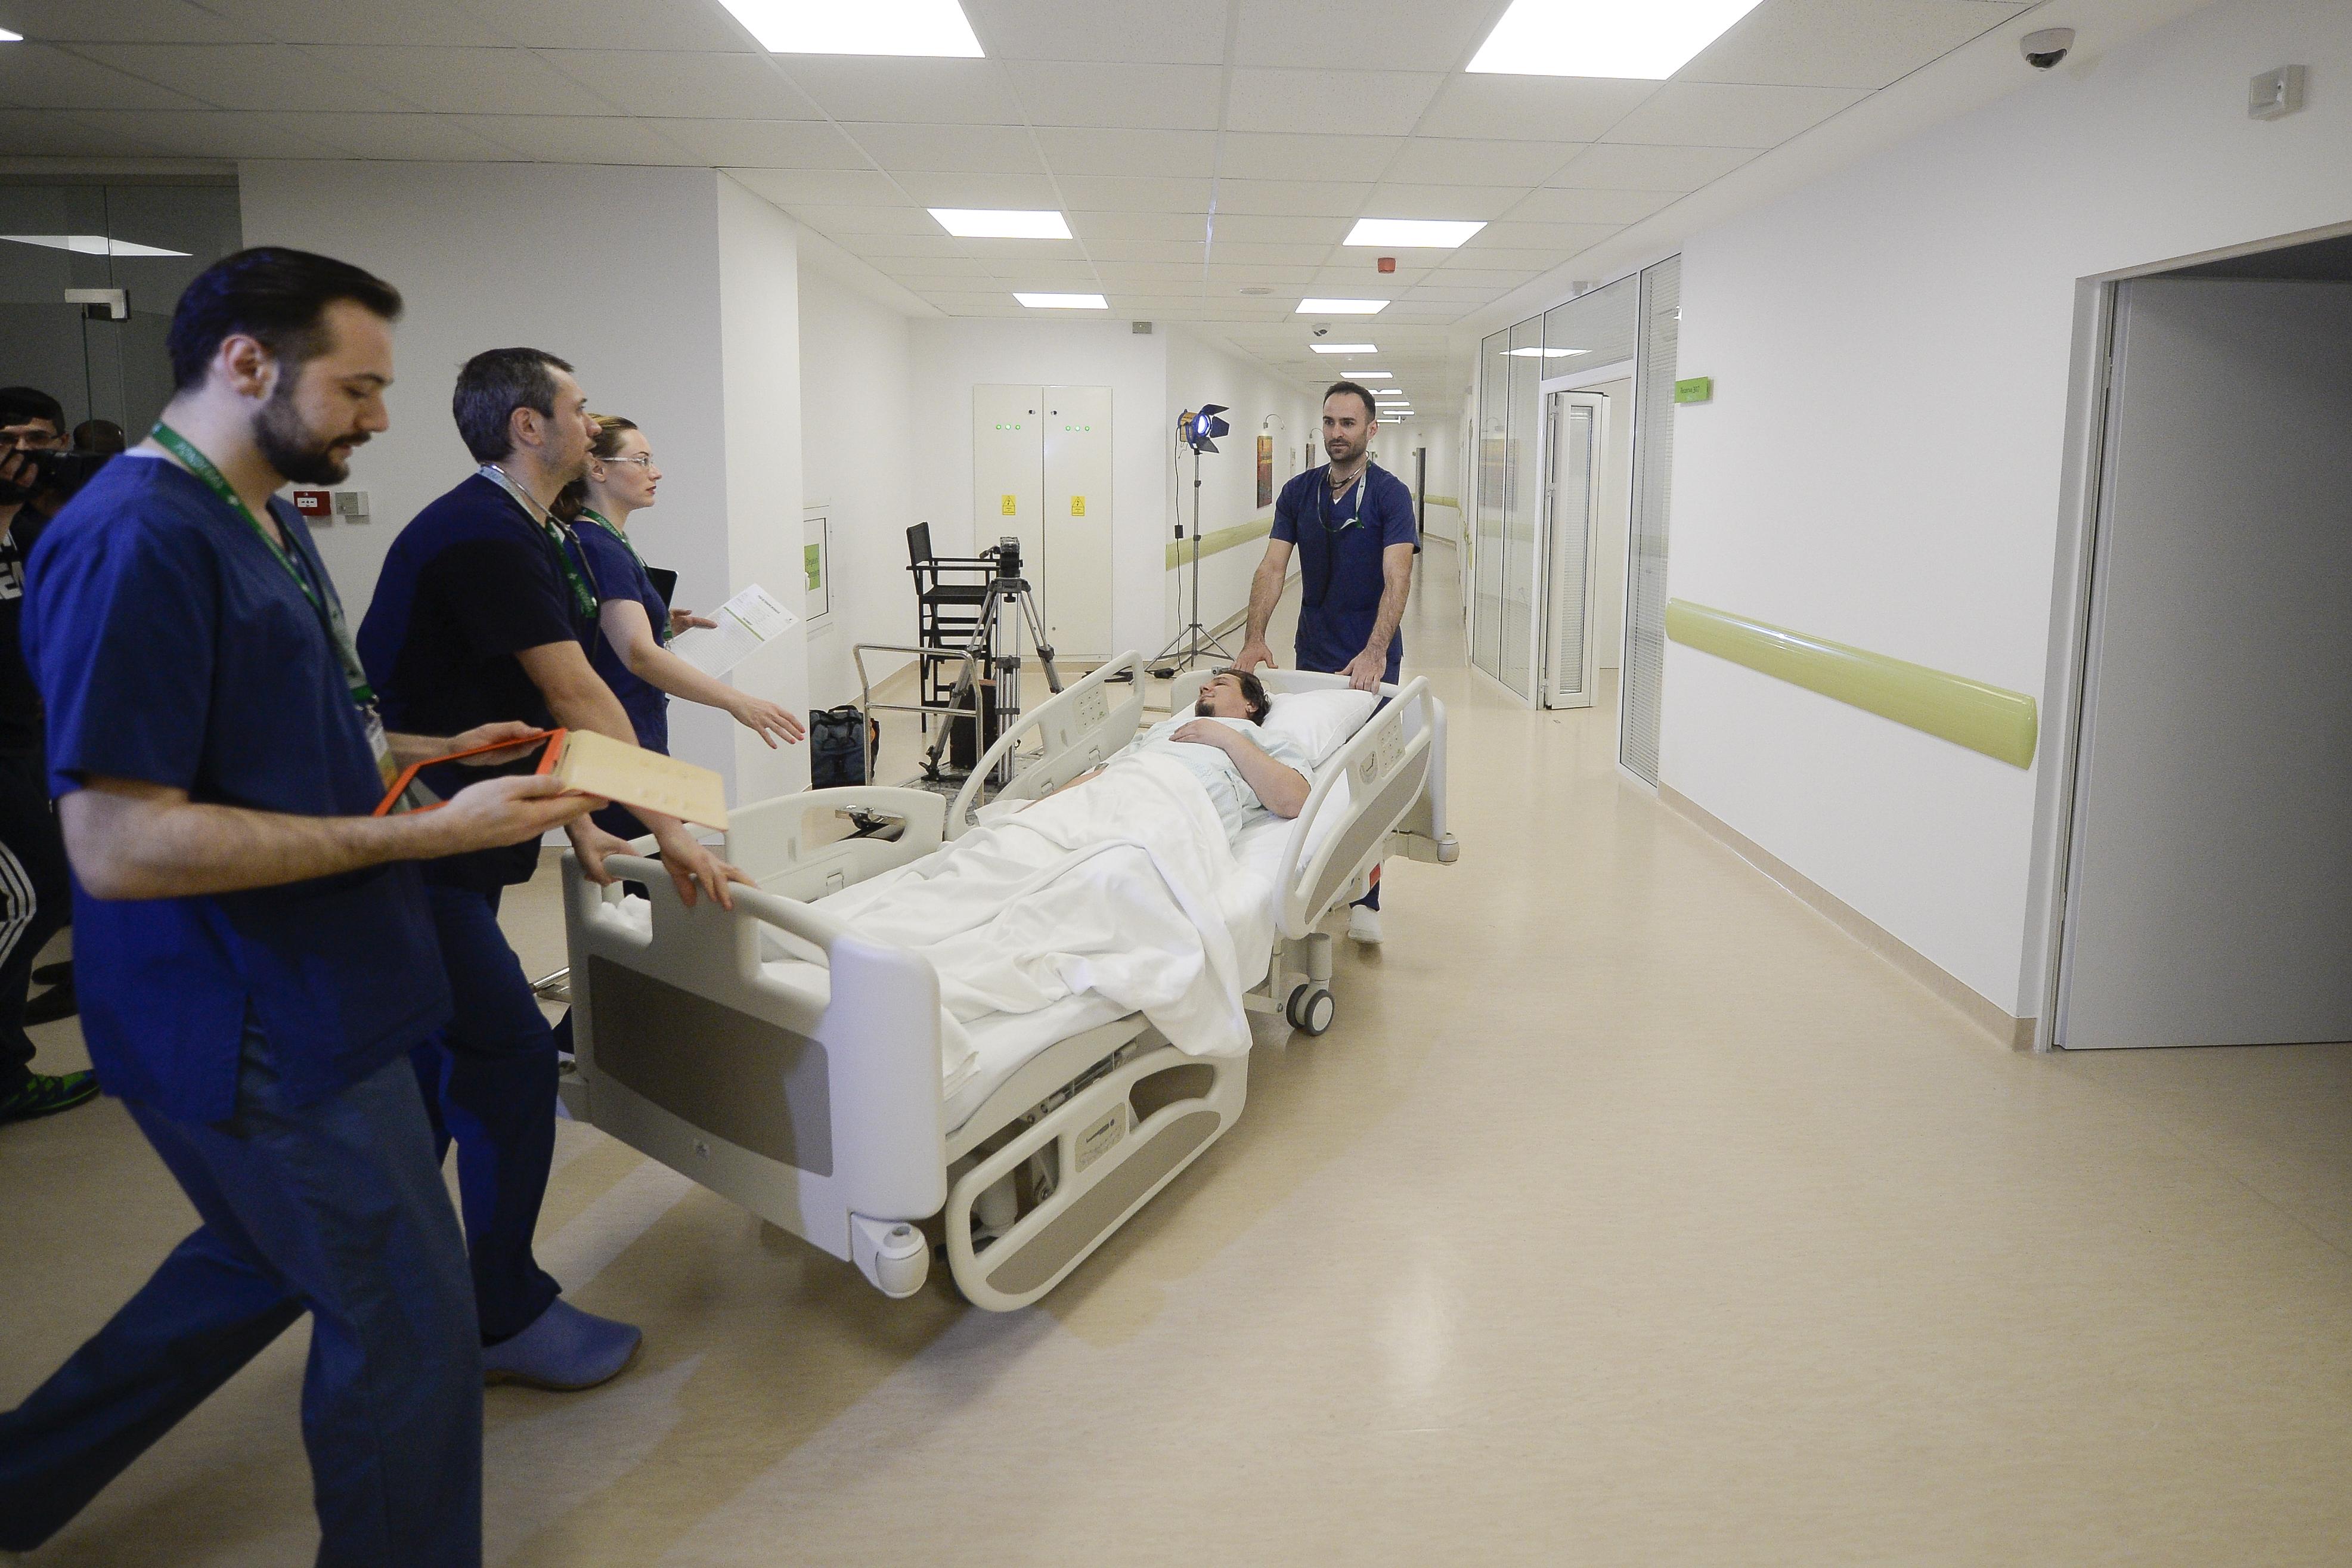 Trei DECESE din cauza gripei. Ministerul Sănătăţii cere un triaj în şcoli pentru a evita răspândirea virusului